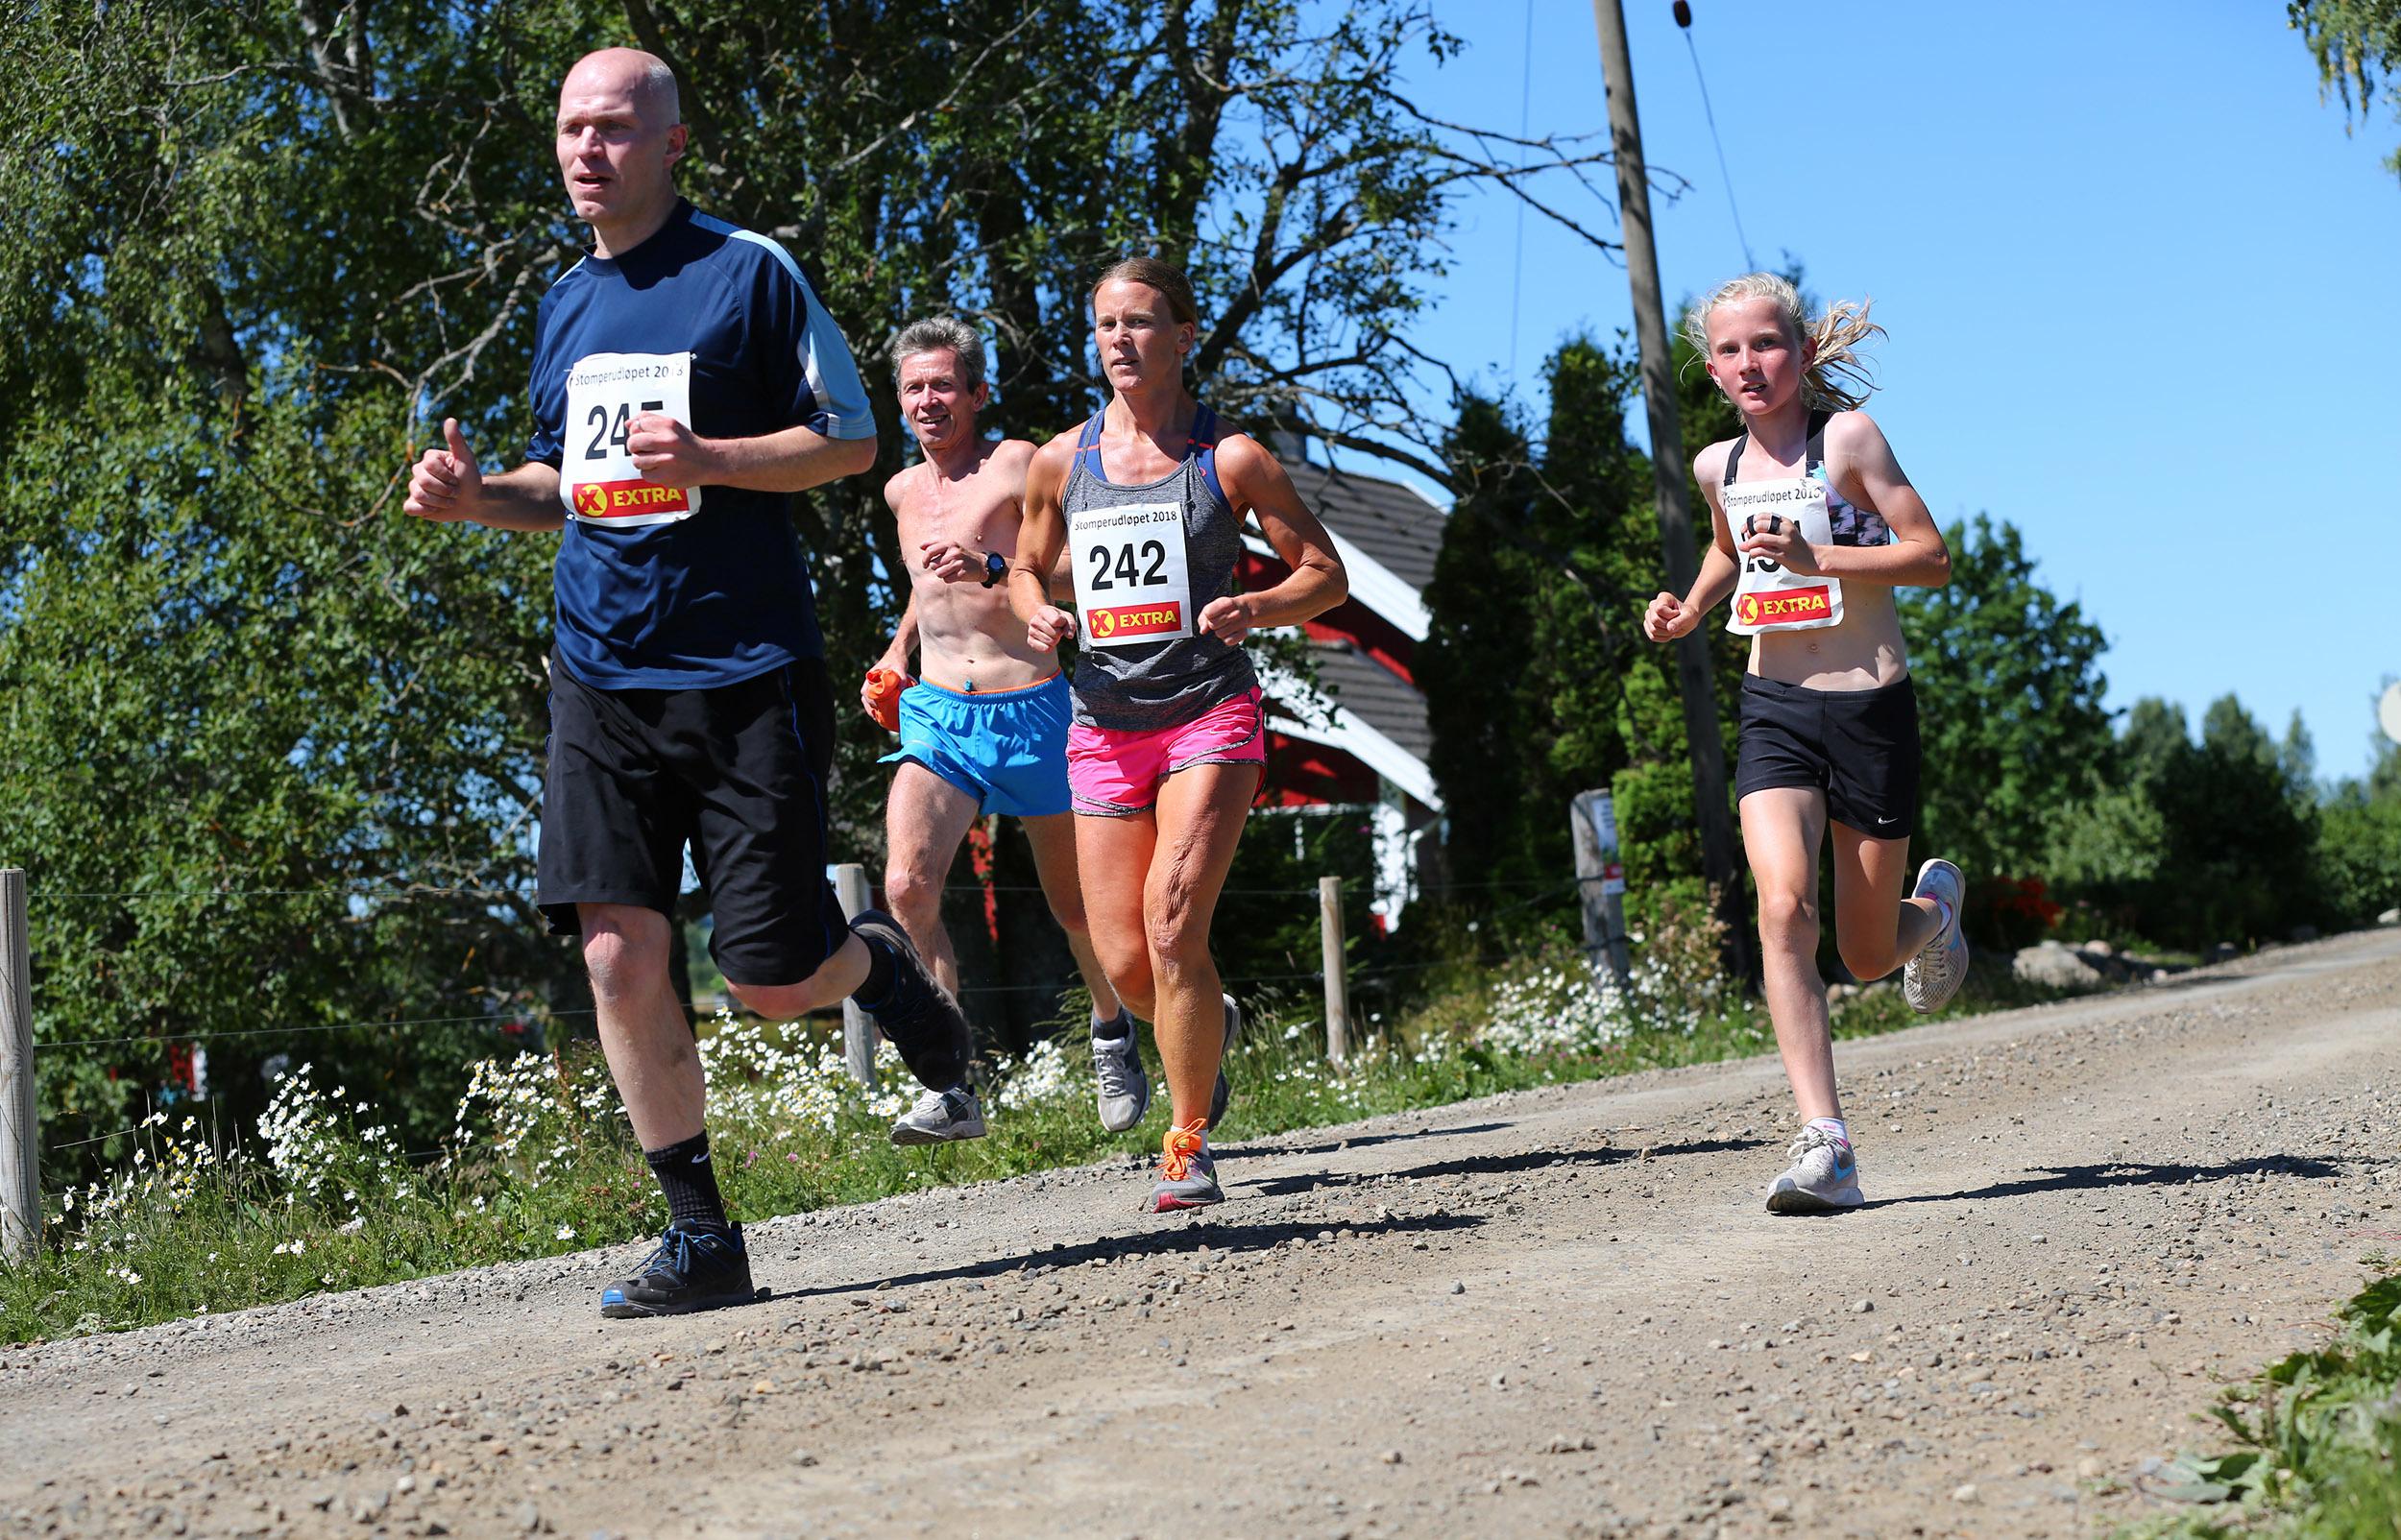 Stomperudløpet2018-6km-Petter Antonsen løper sammen med datter Selma.jpg